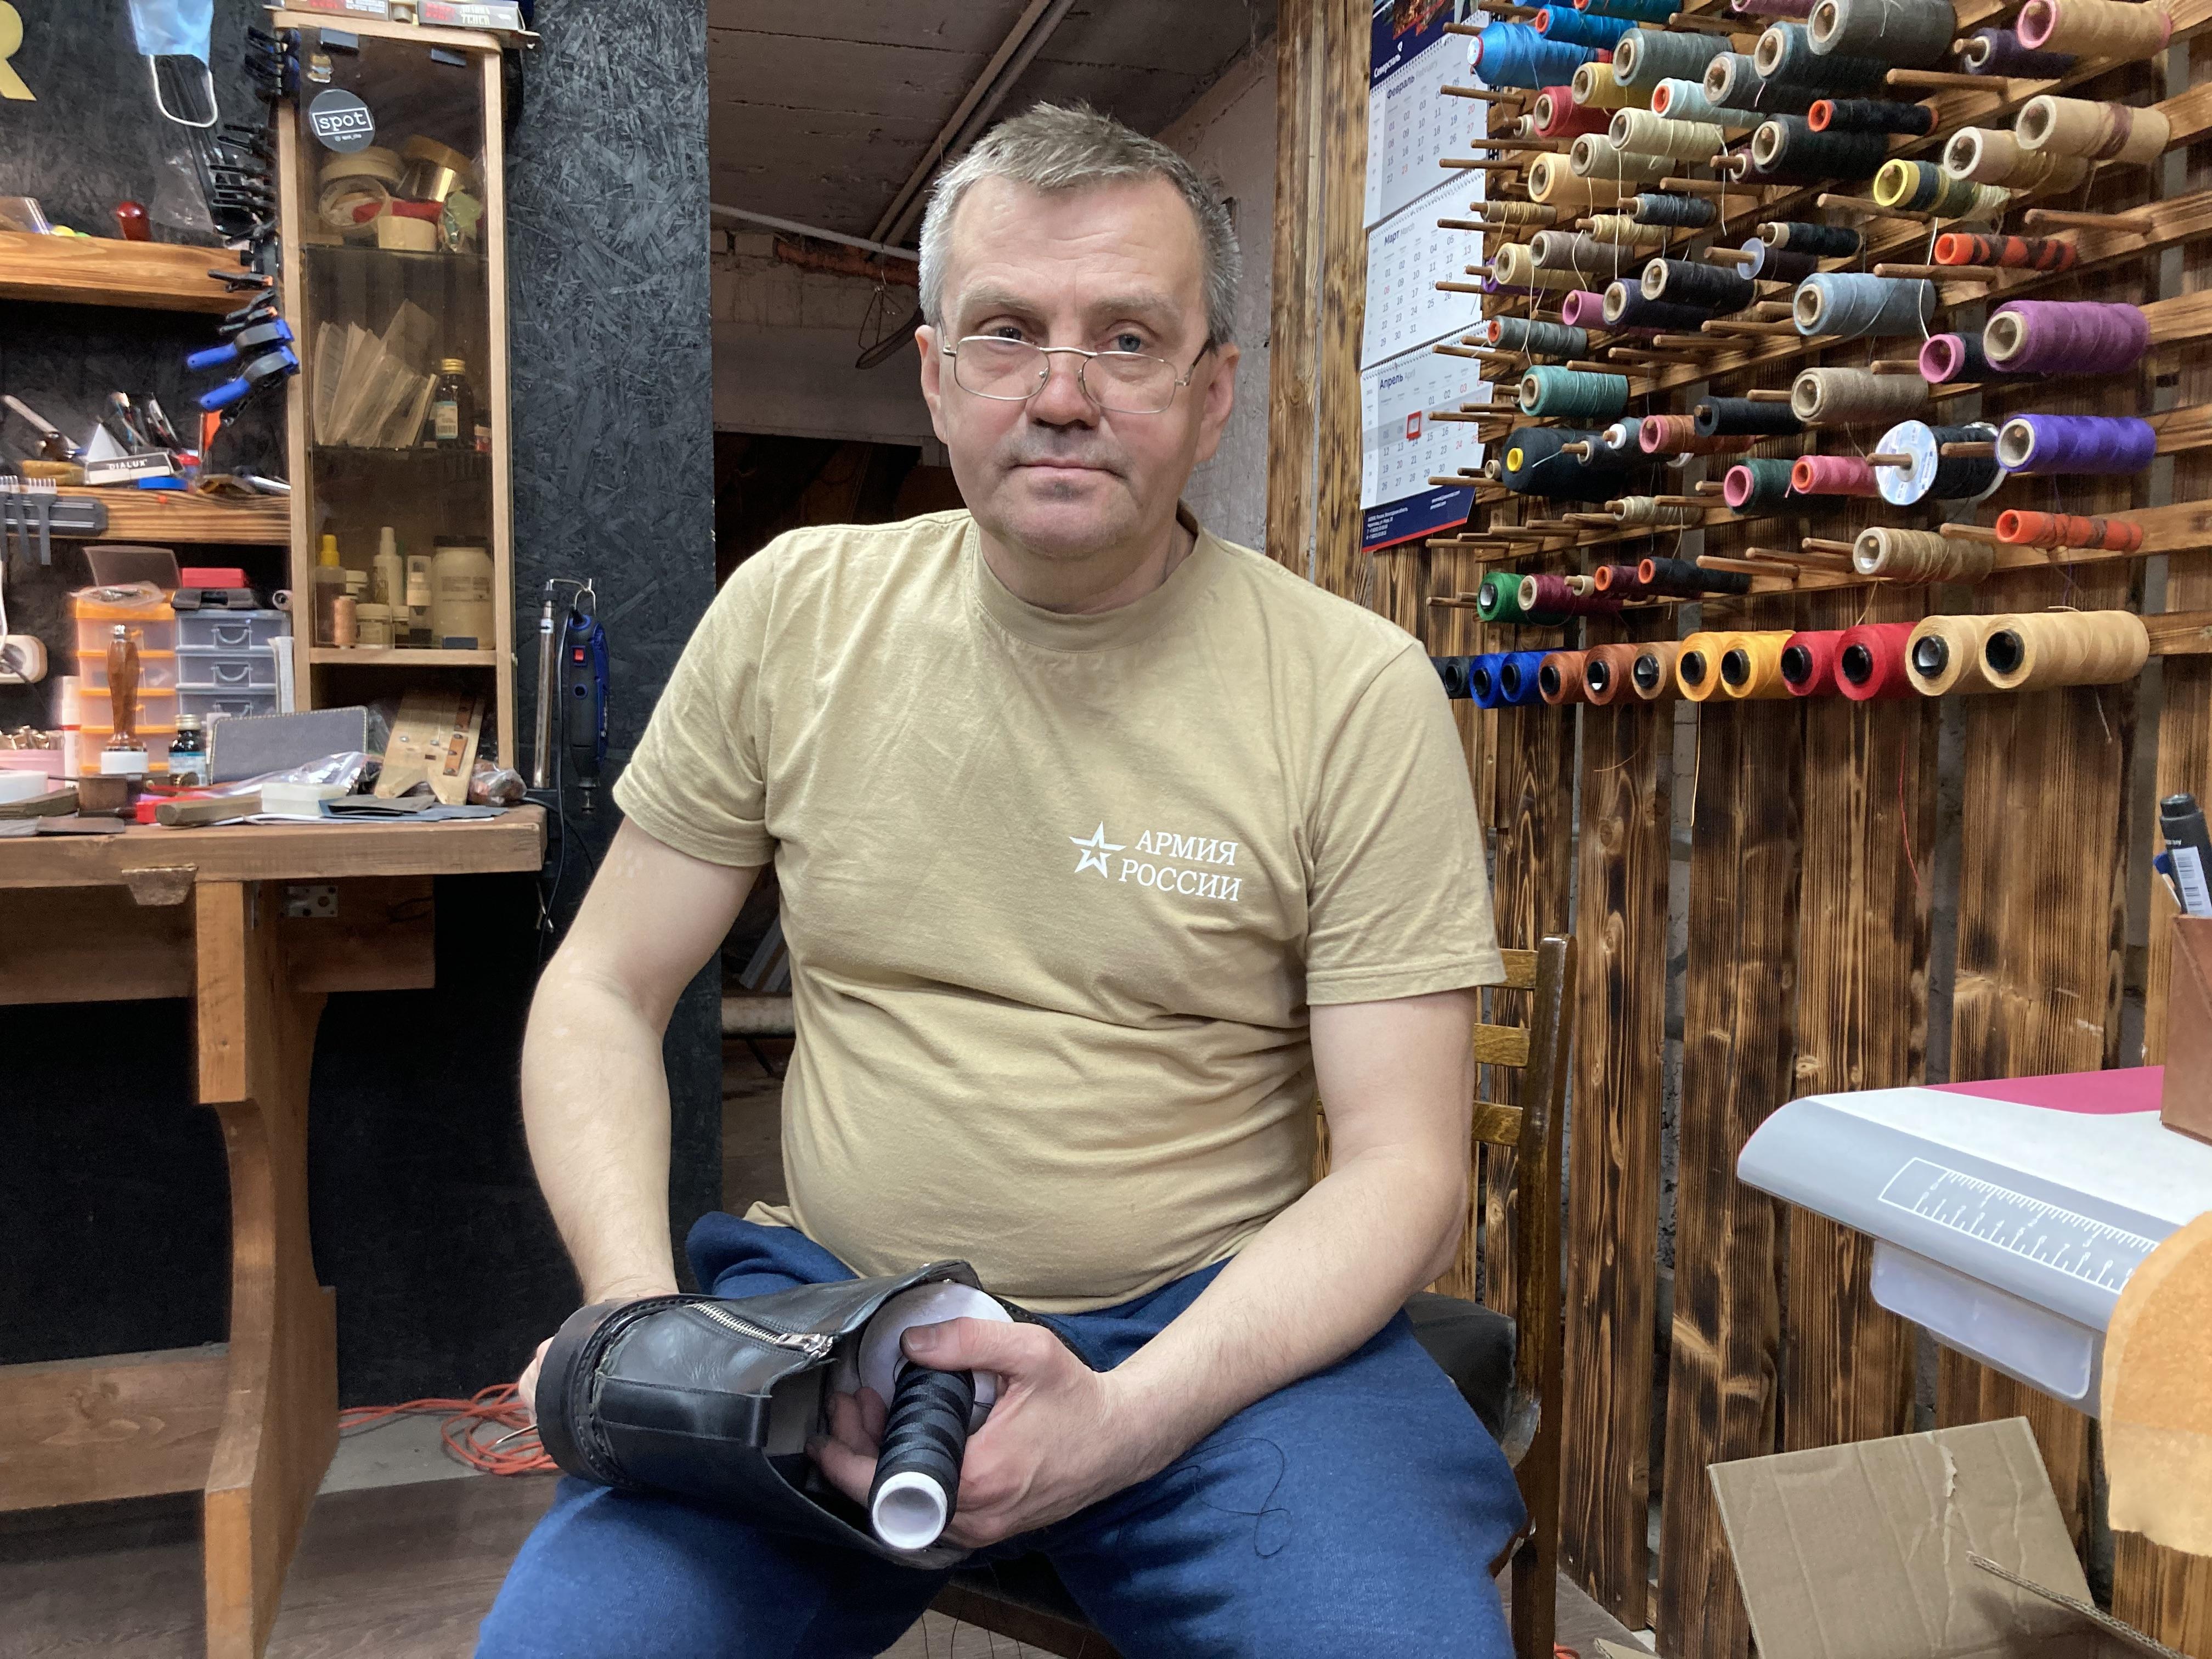 обувной мастер Дмитрий Чернов.